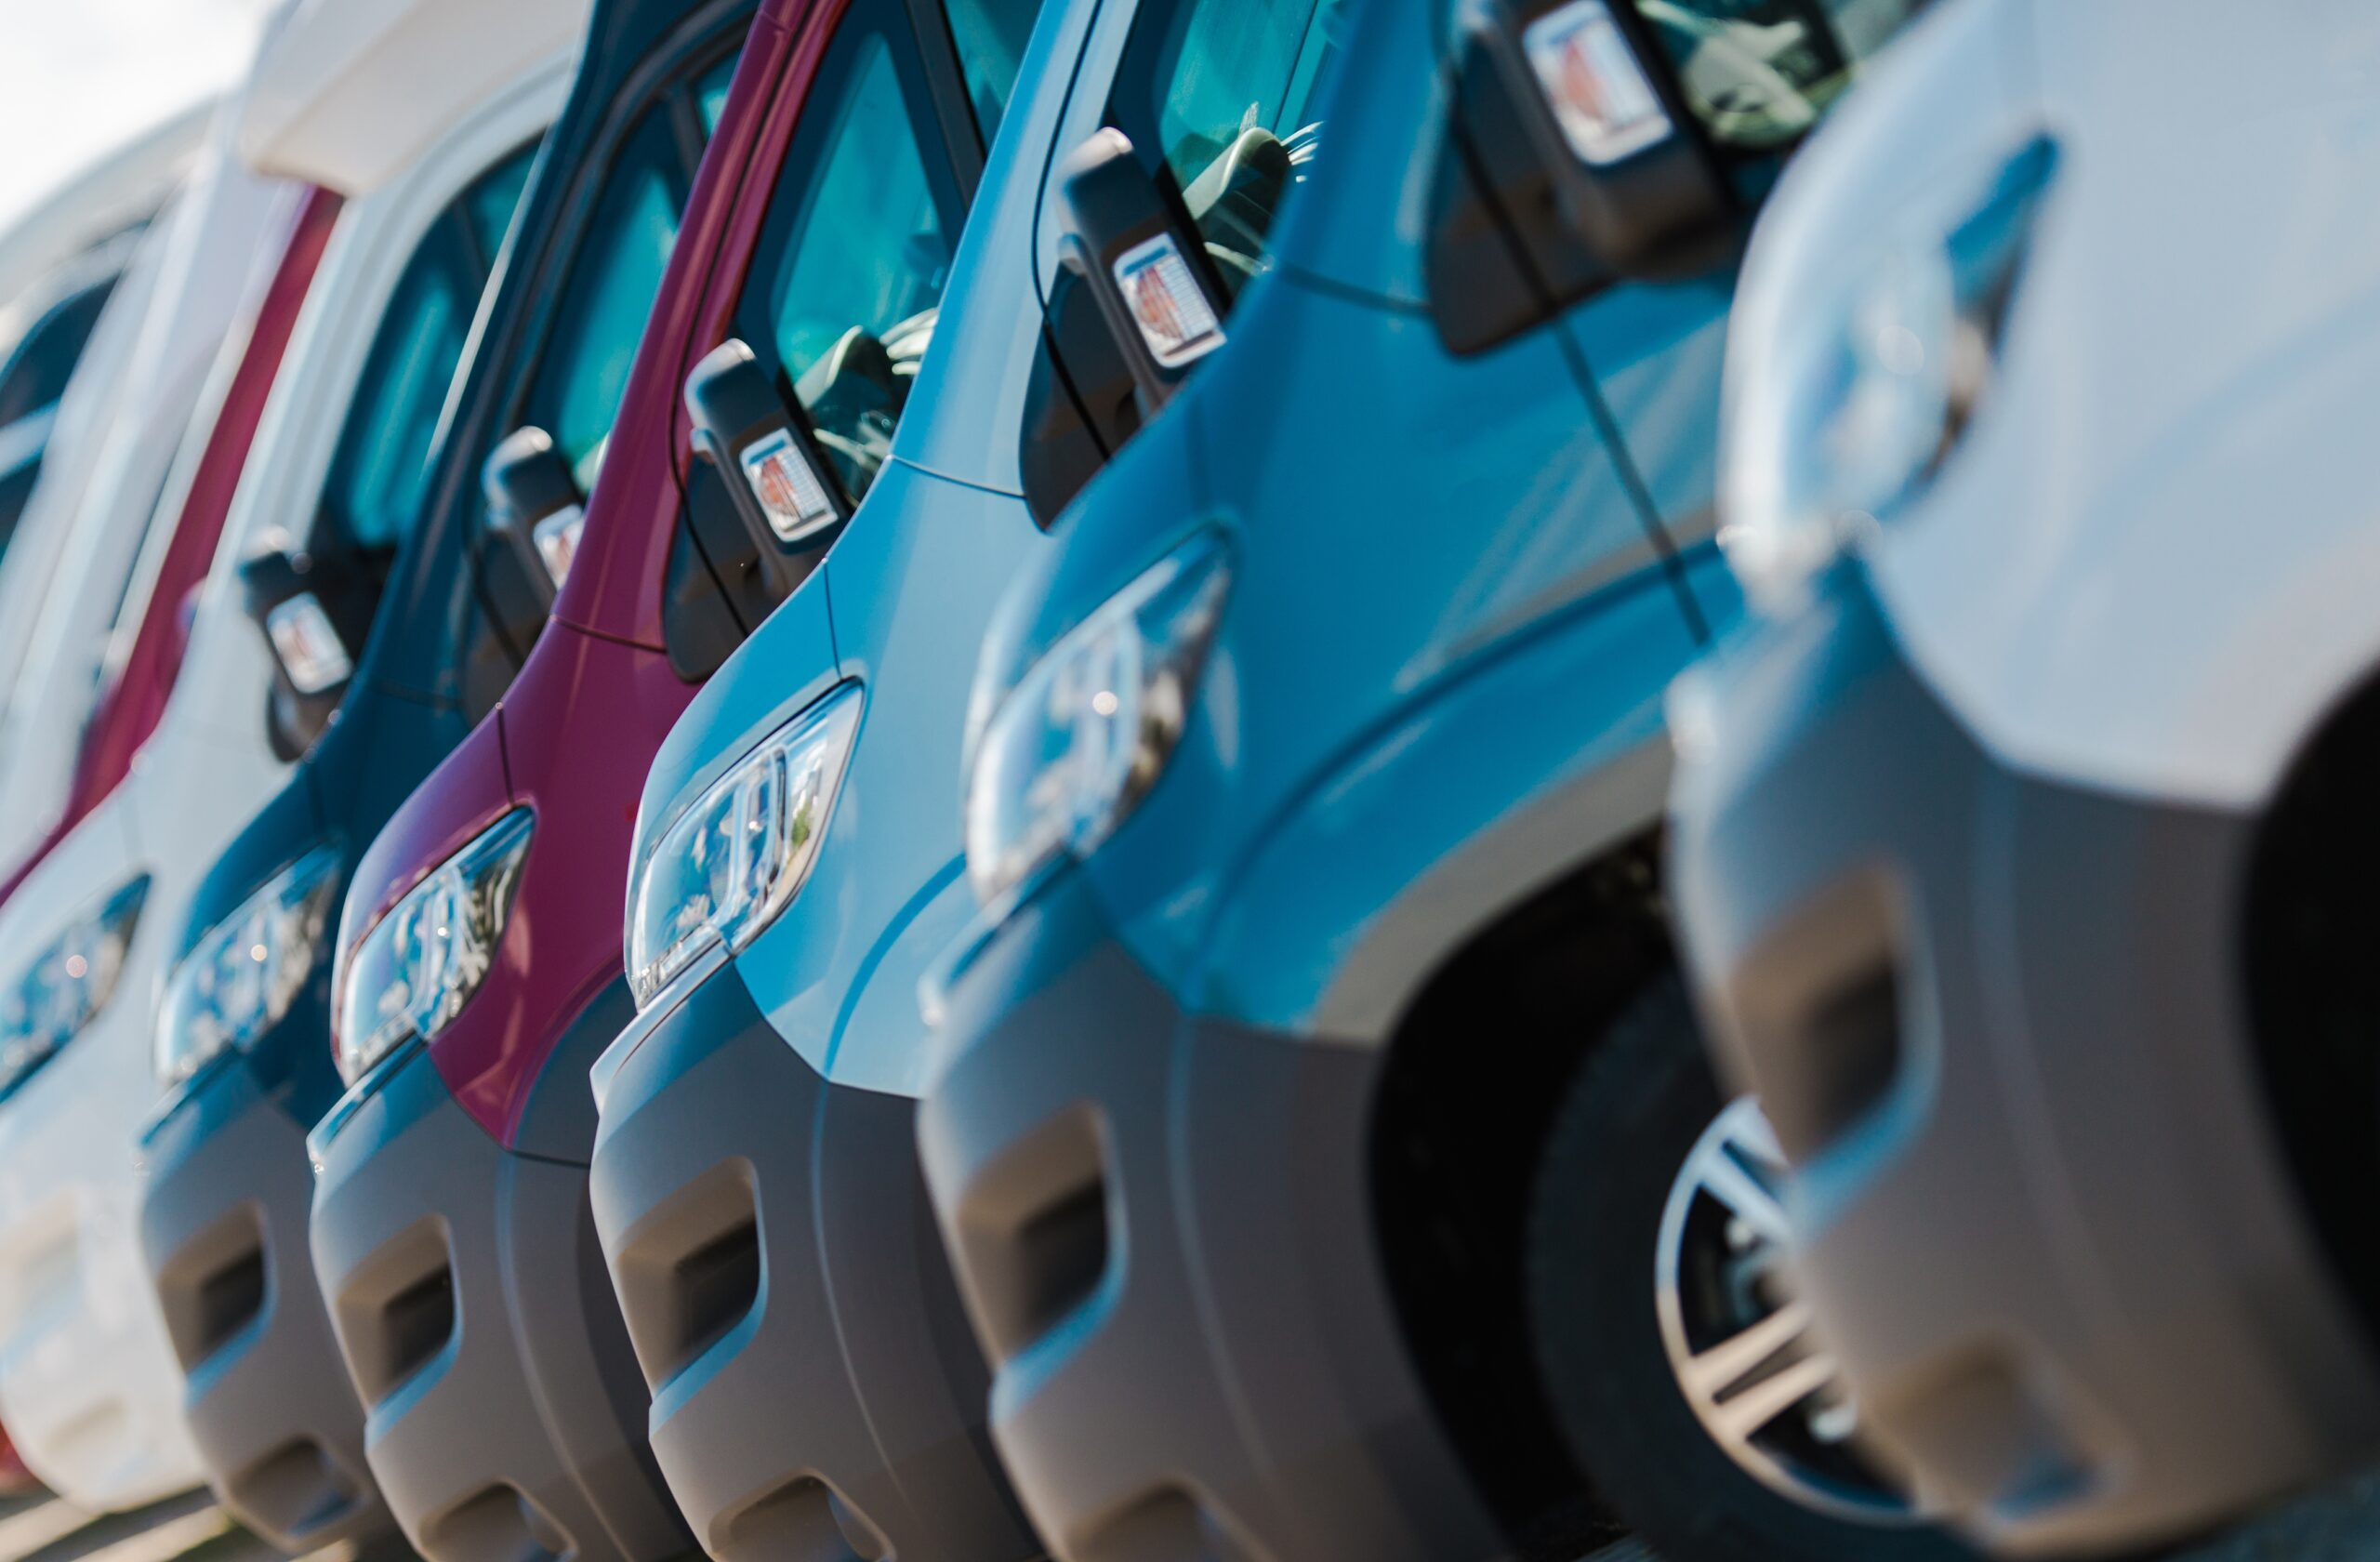 Verso lo Stop alla Vendita di Motori Benzina e Diesel in Unione Europea